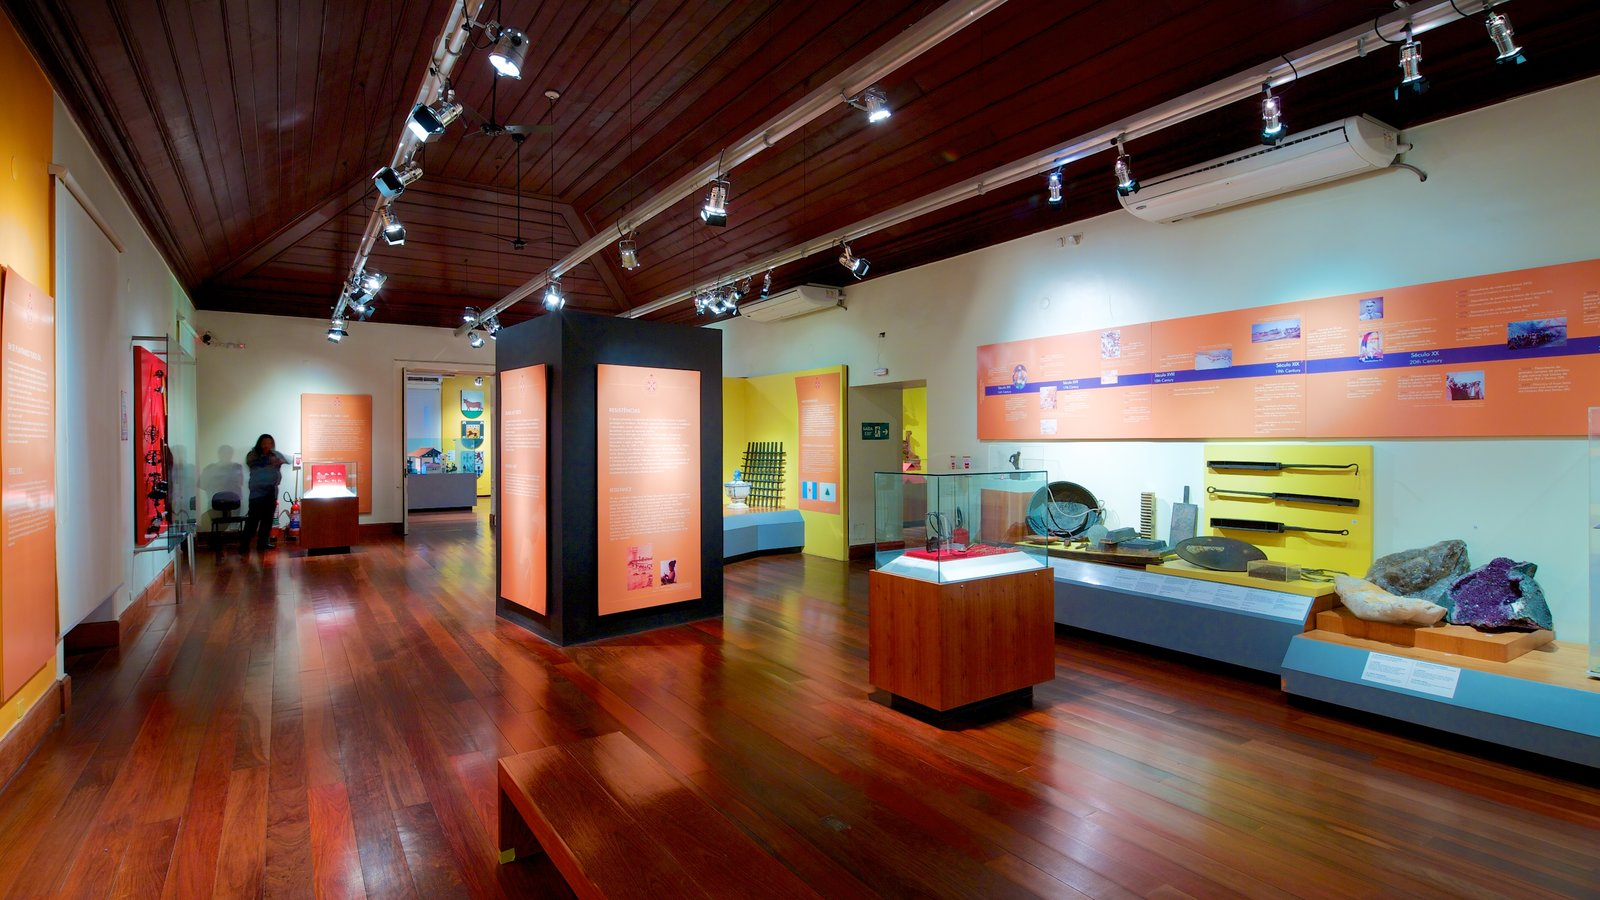 Museu Histórico Nacional mostrando vistas internas